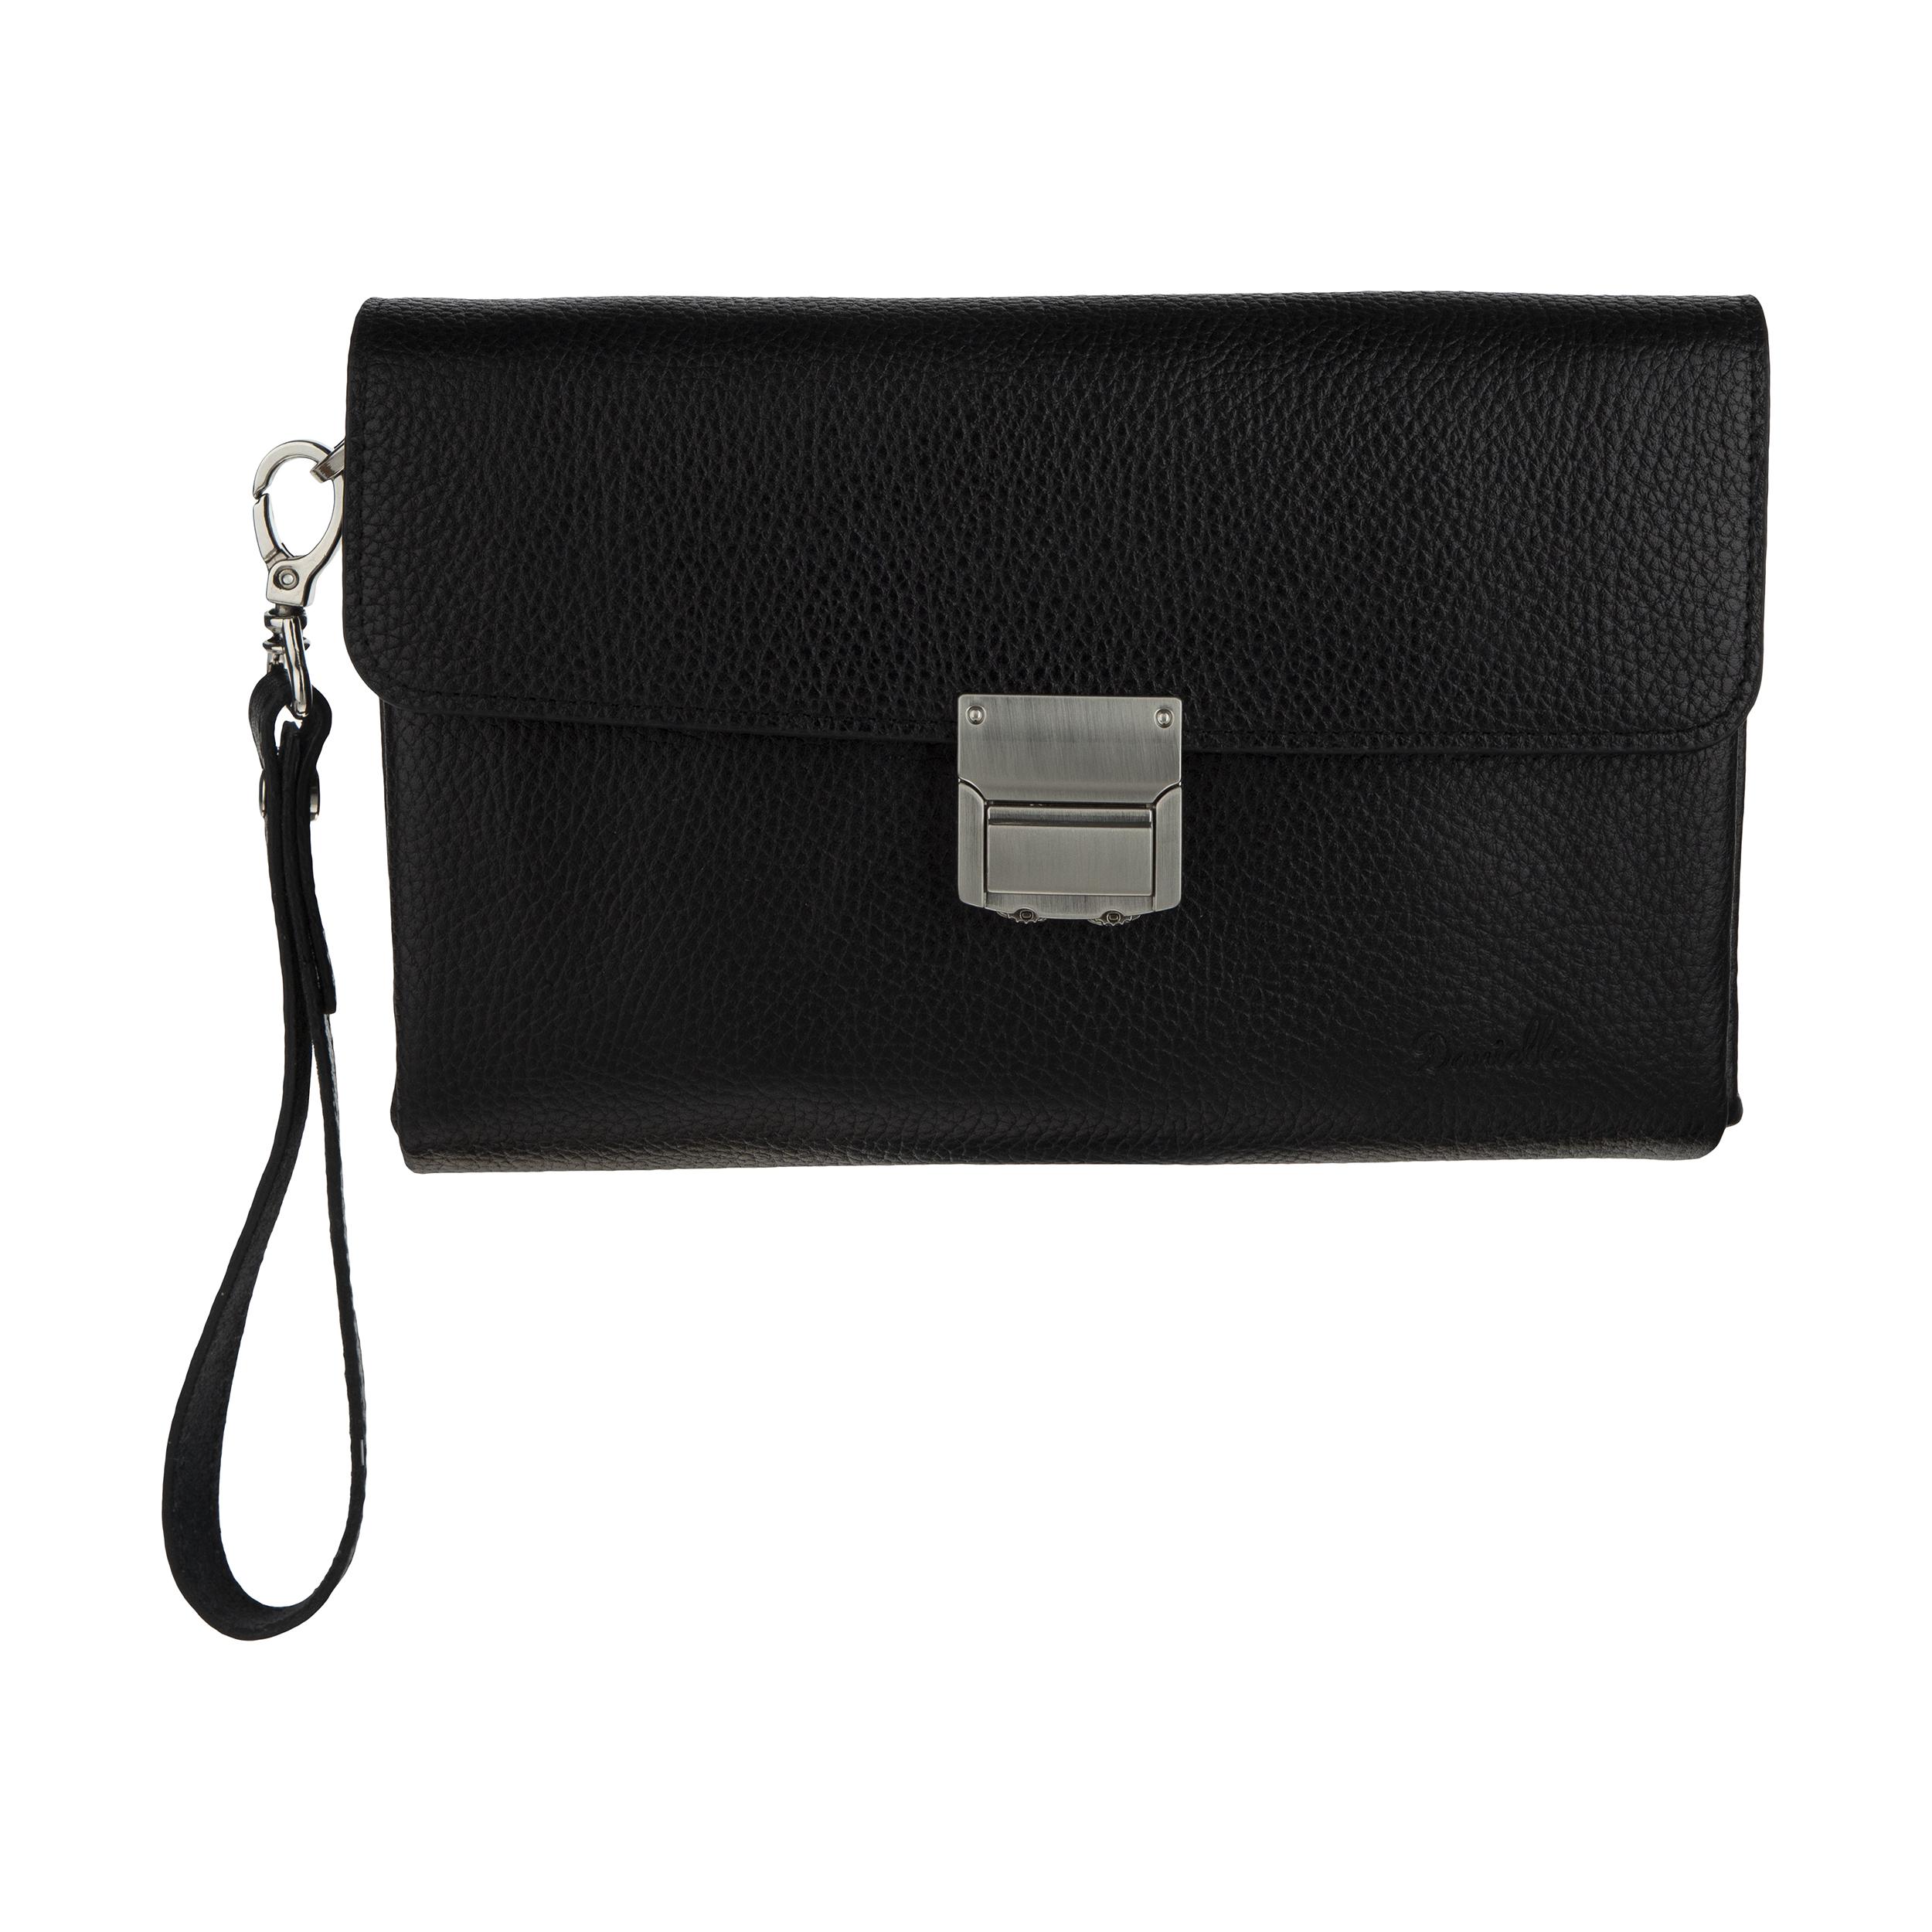 کیف دستی مردانه دنیلی مدل 401110021020